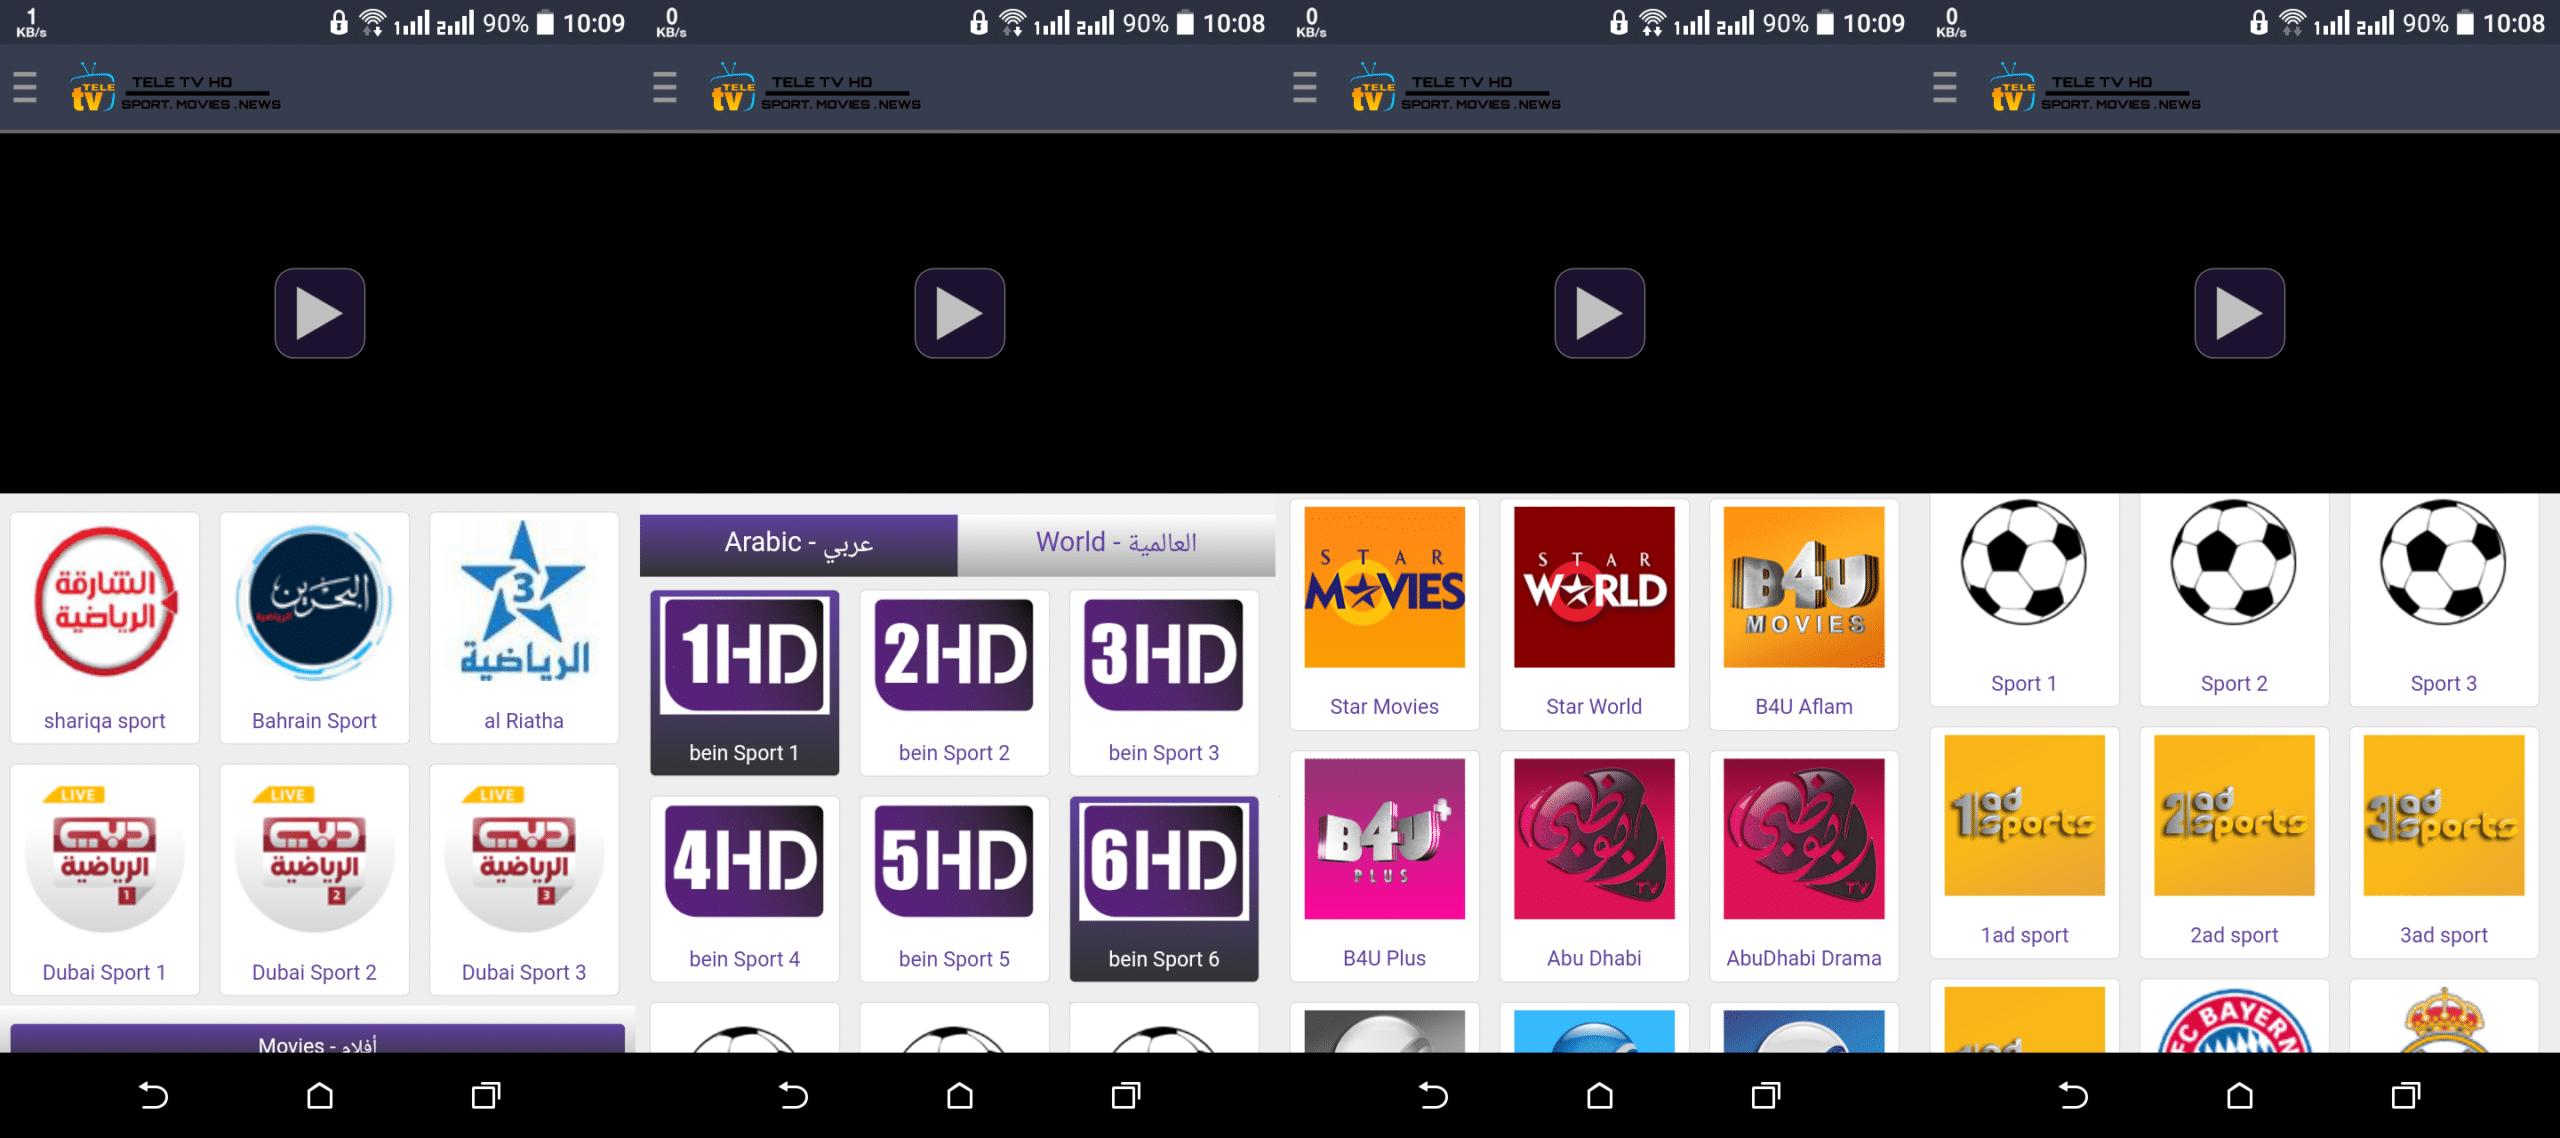 Tele TV HD APK [latest] 2020 2